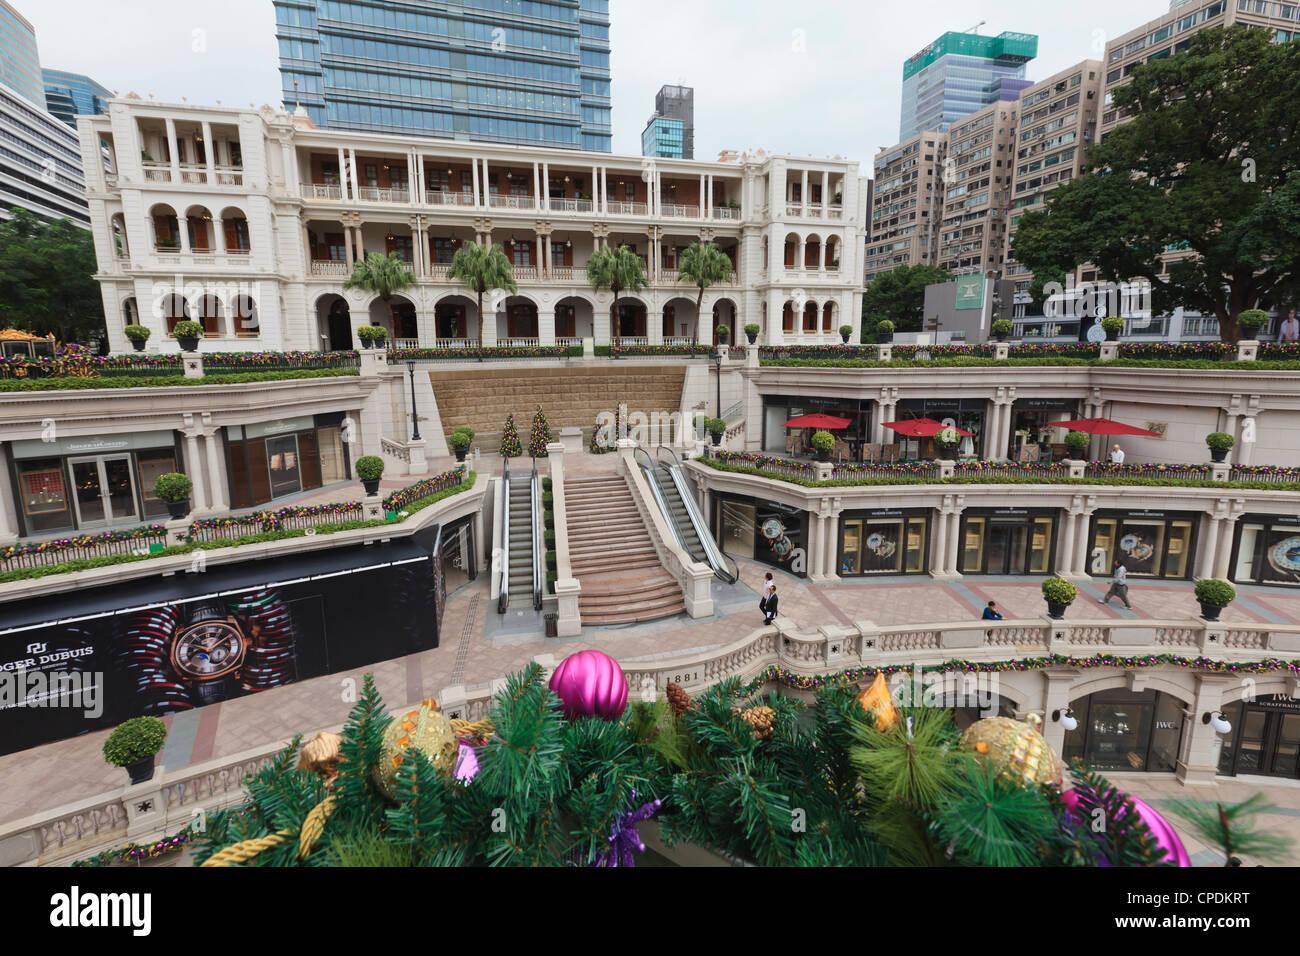 1881 Heritage, Tsim Sha Tsui, Kowloon, Hong Kong, China